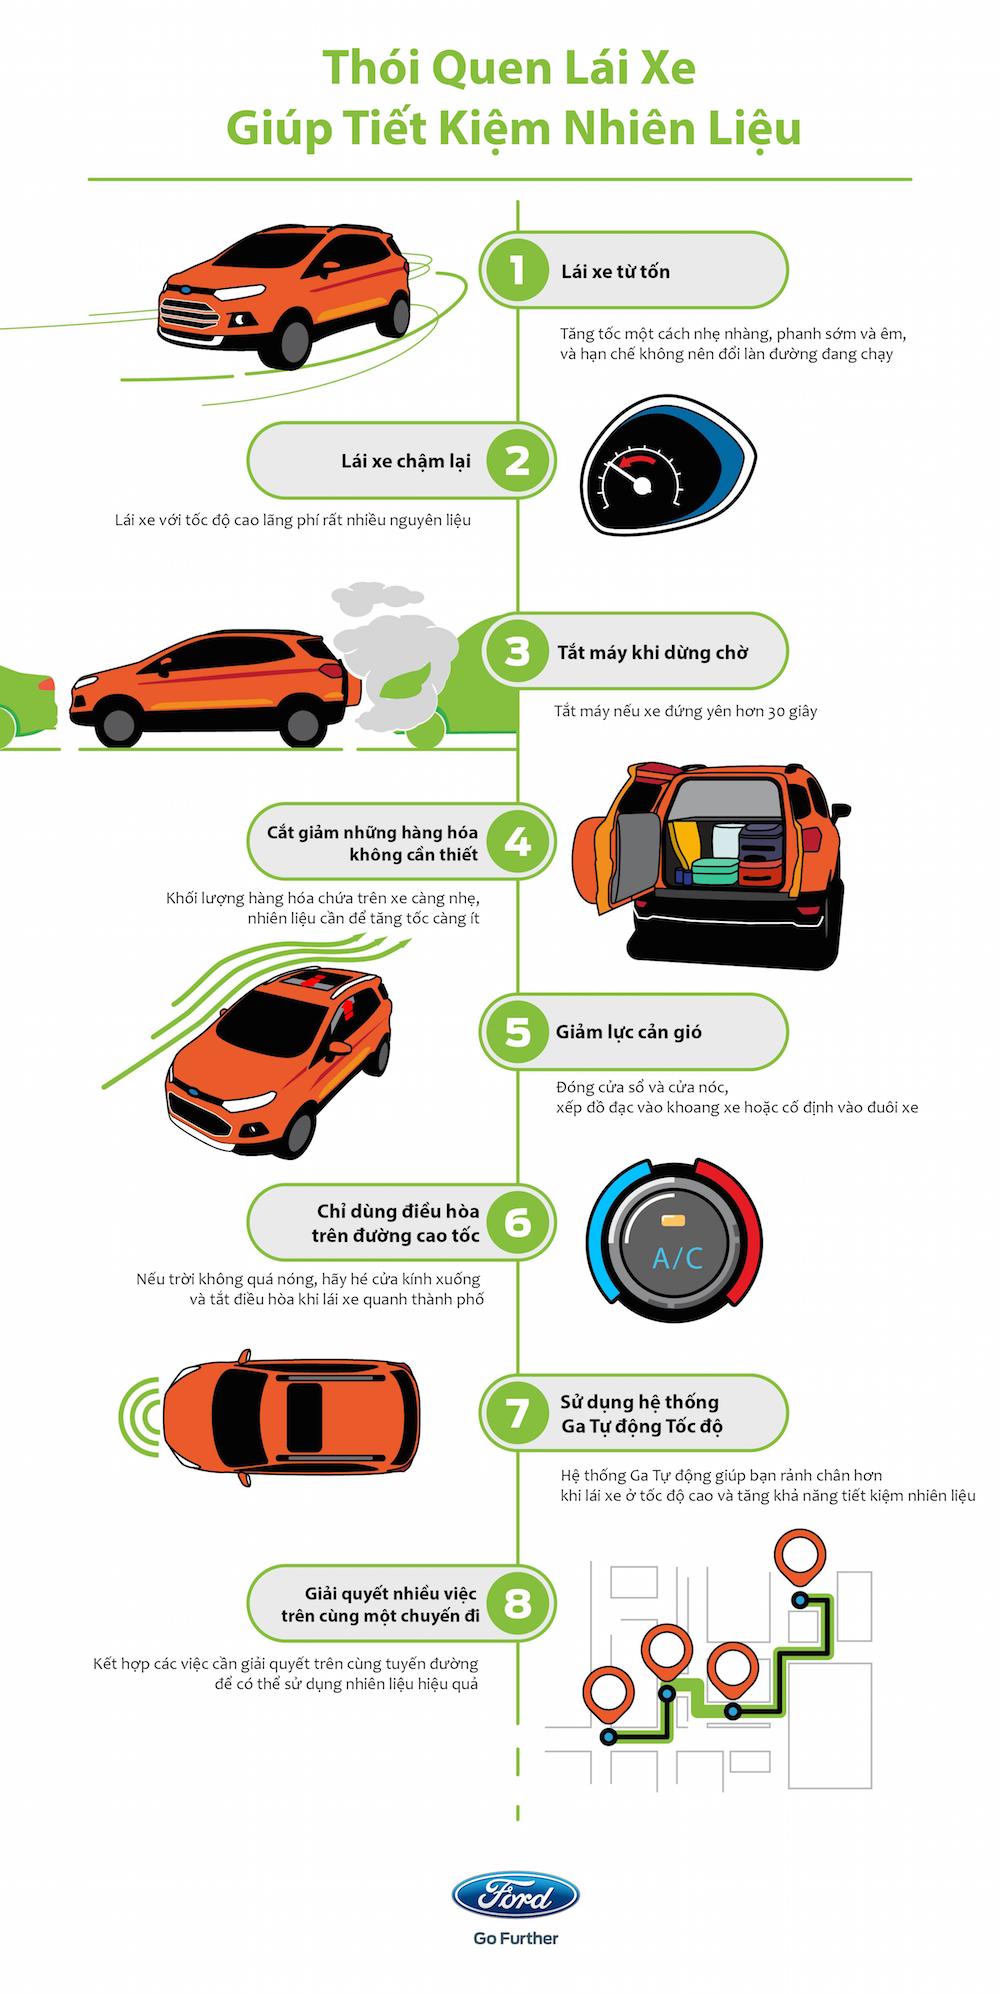 8 thói quen giúp tiết kiệm xăng